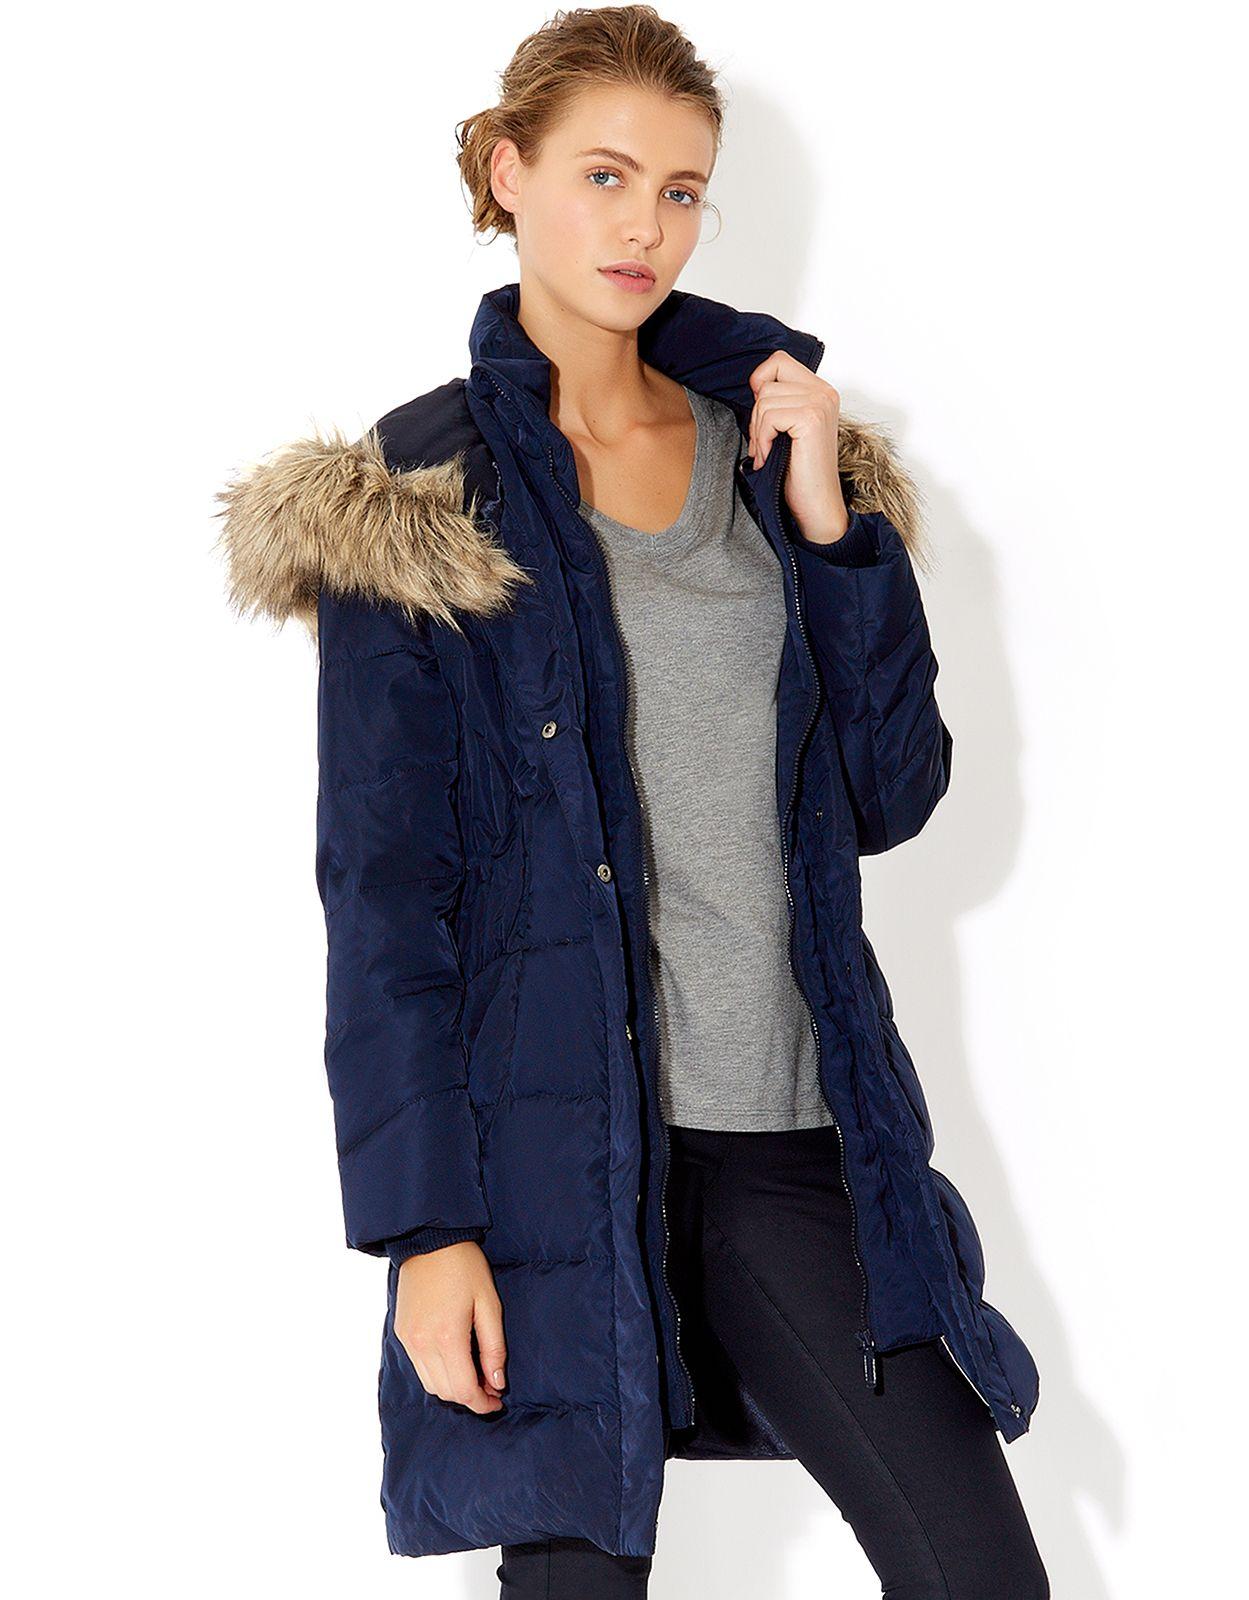 alexa padded coat winter romantic naturals pinterest navy #2: b9232da7658c f2ec bc6